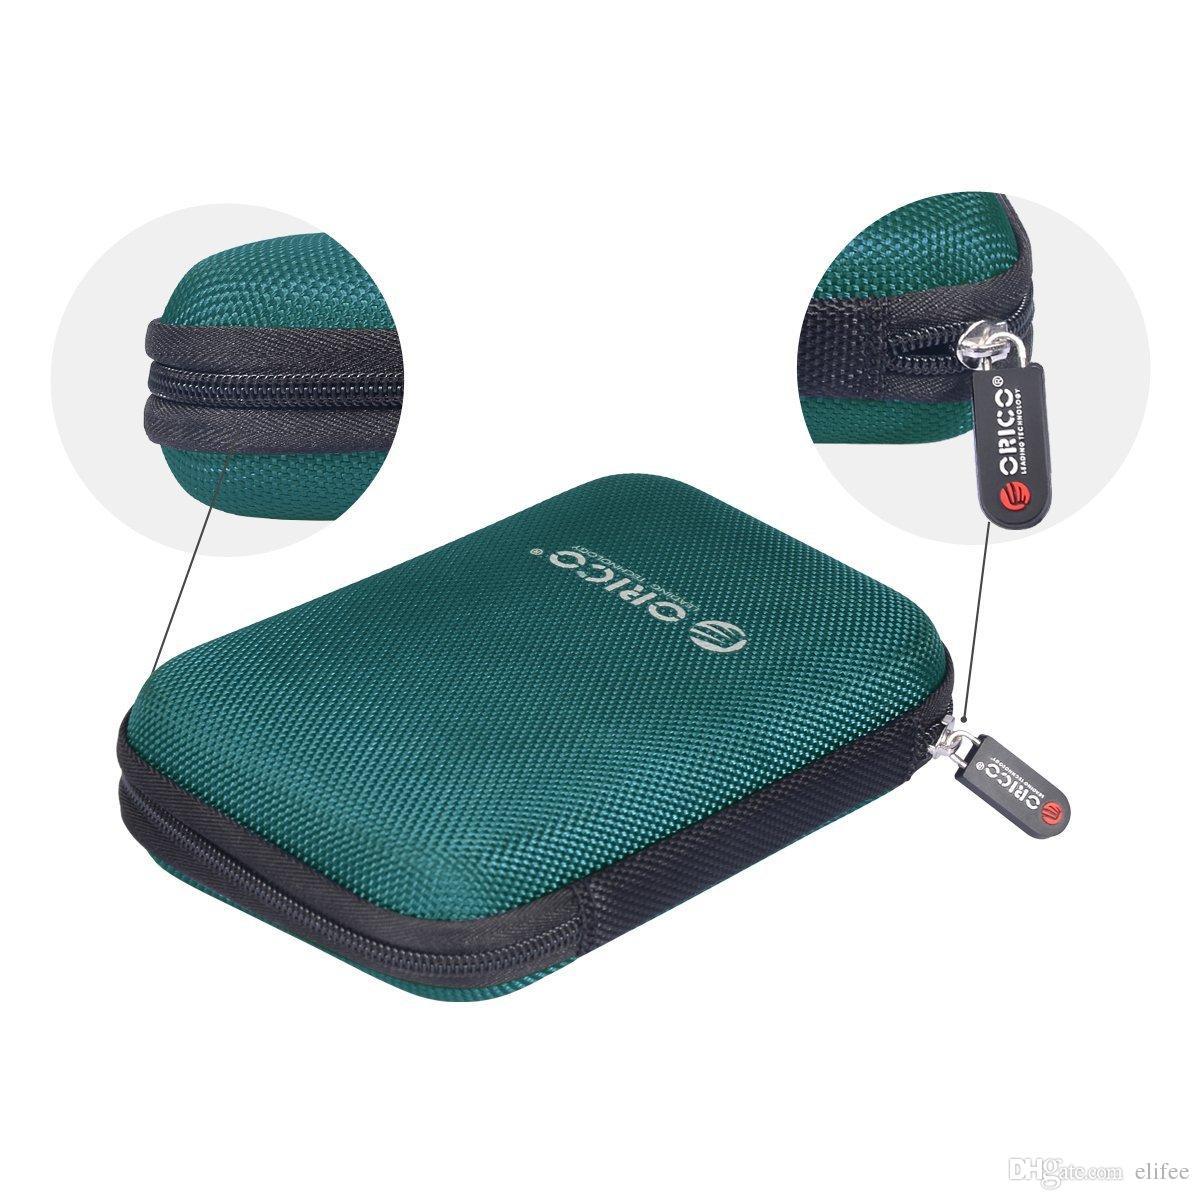 ORICO внешний жесткий диск EVA защитный чехол сумка для 2,5-дюймовый жесткий 4 цвета для варианта